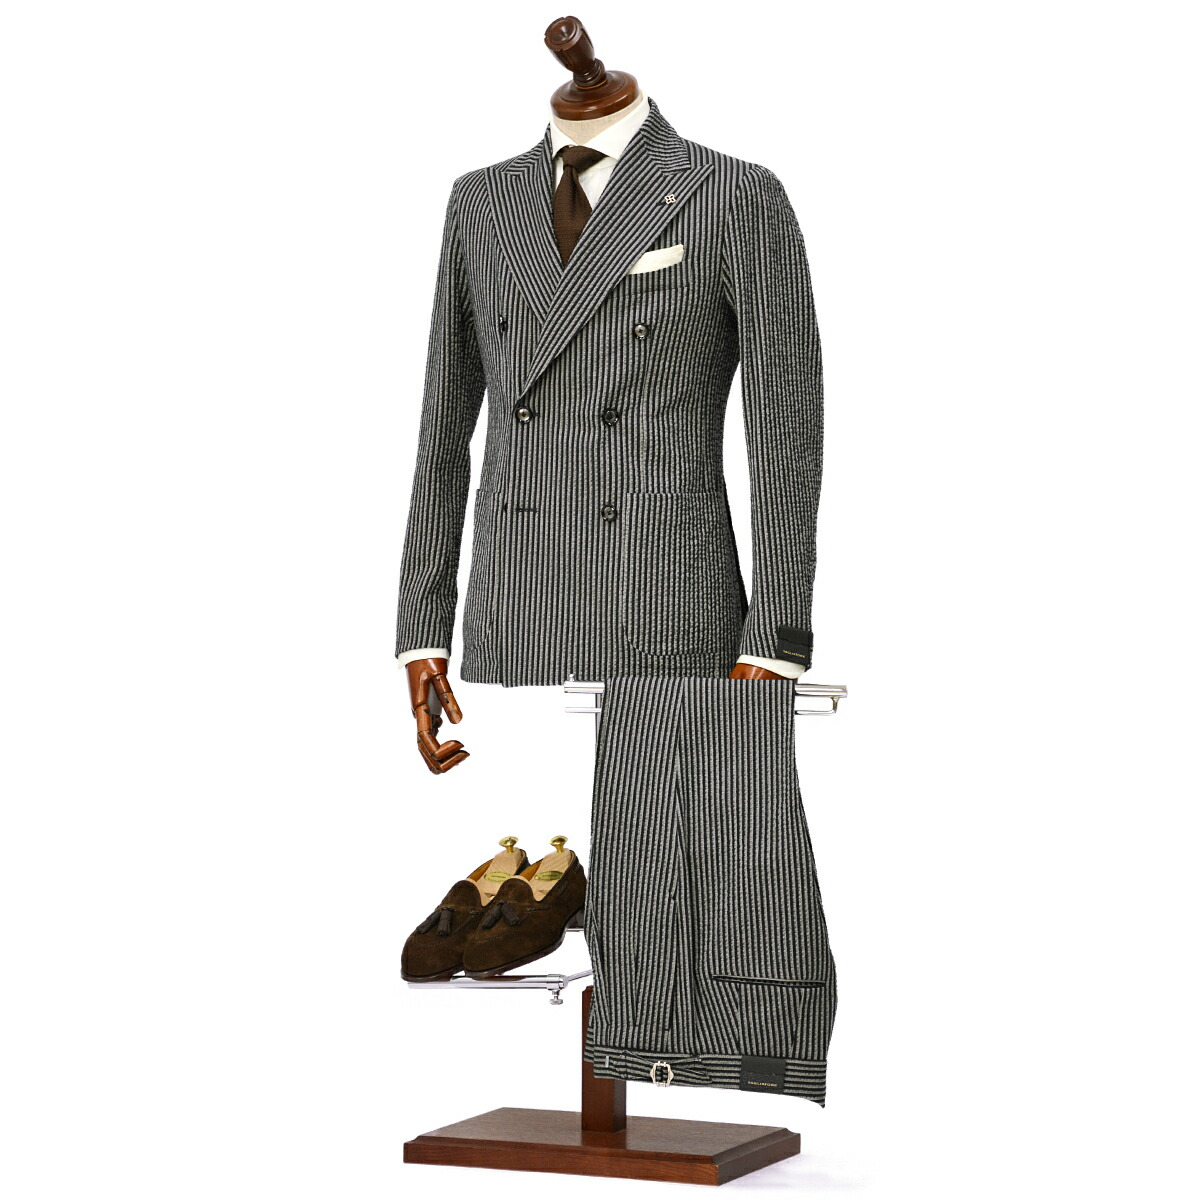 TAGLIATORE【タリアトーレ】ダブルスーツ G-DARREL P-BRENT 23UEZ067 B1104 コットンストレッチ シアサッカー ネイビー×グレー